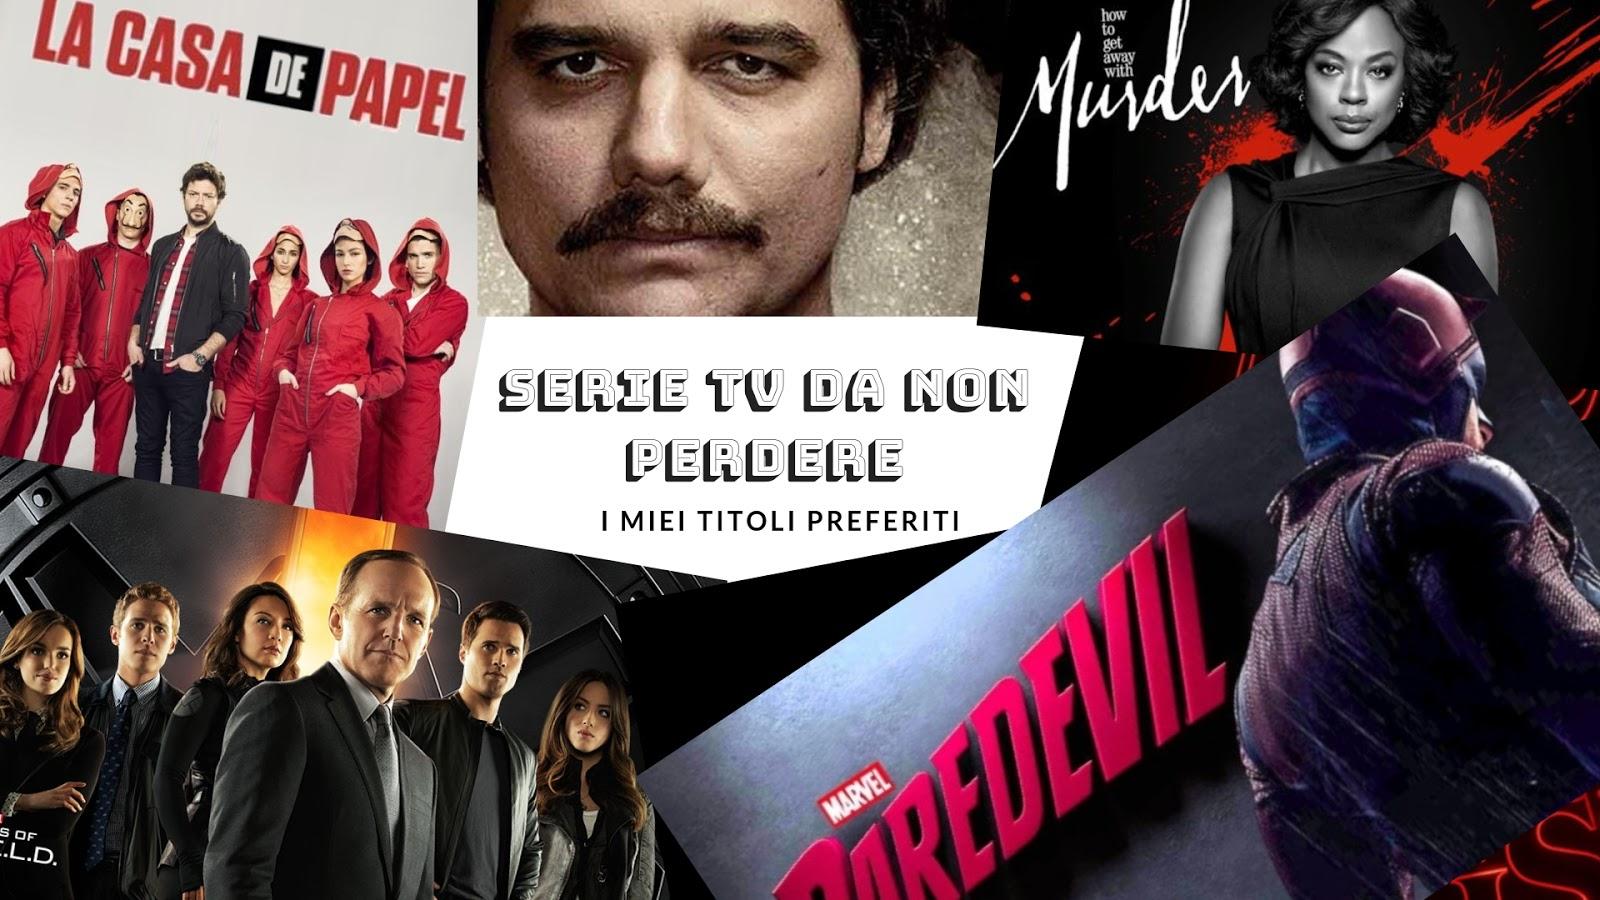 serie tv da vedere: titoli preferiti, serie tv da non perdere, migliori serie tv, Eolo, la casa del panel, narcos, daredevil, regole del delitto perfetto